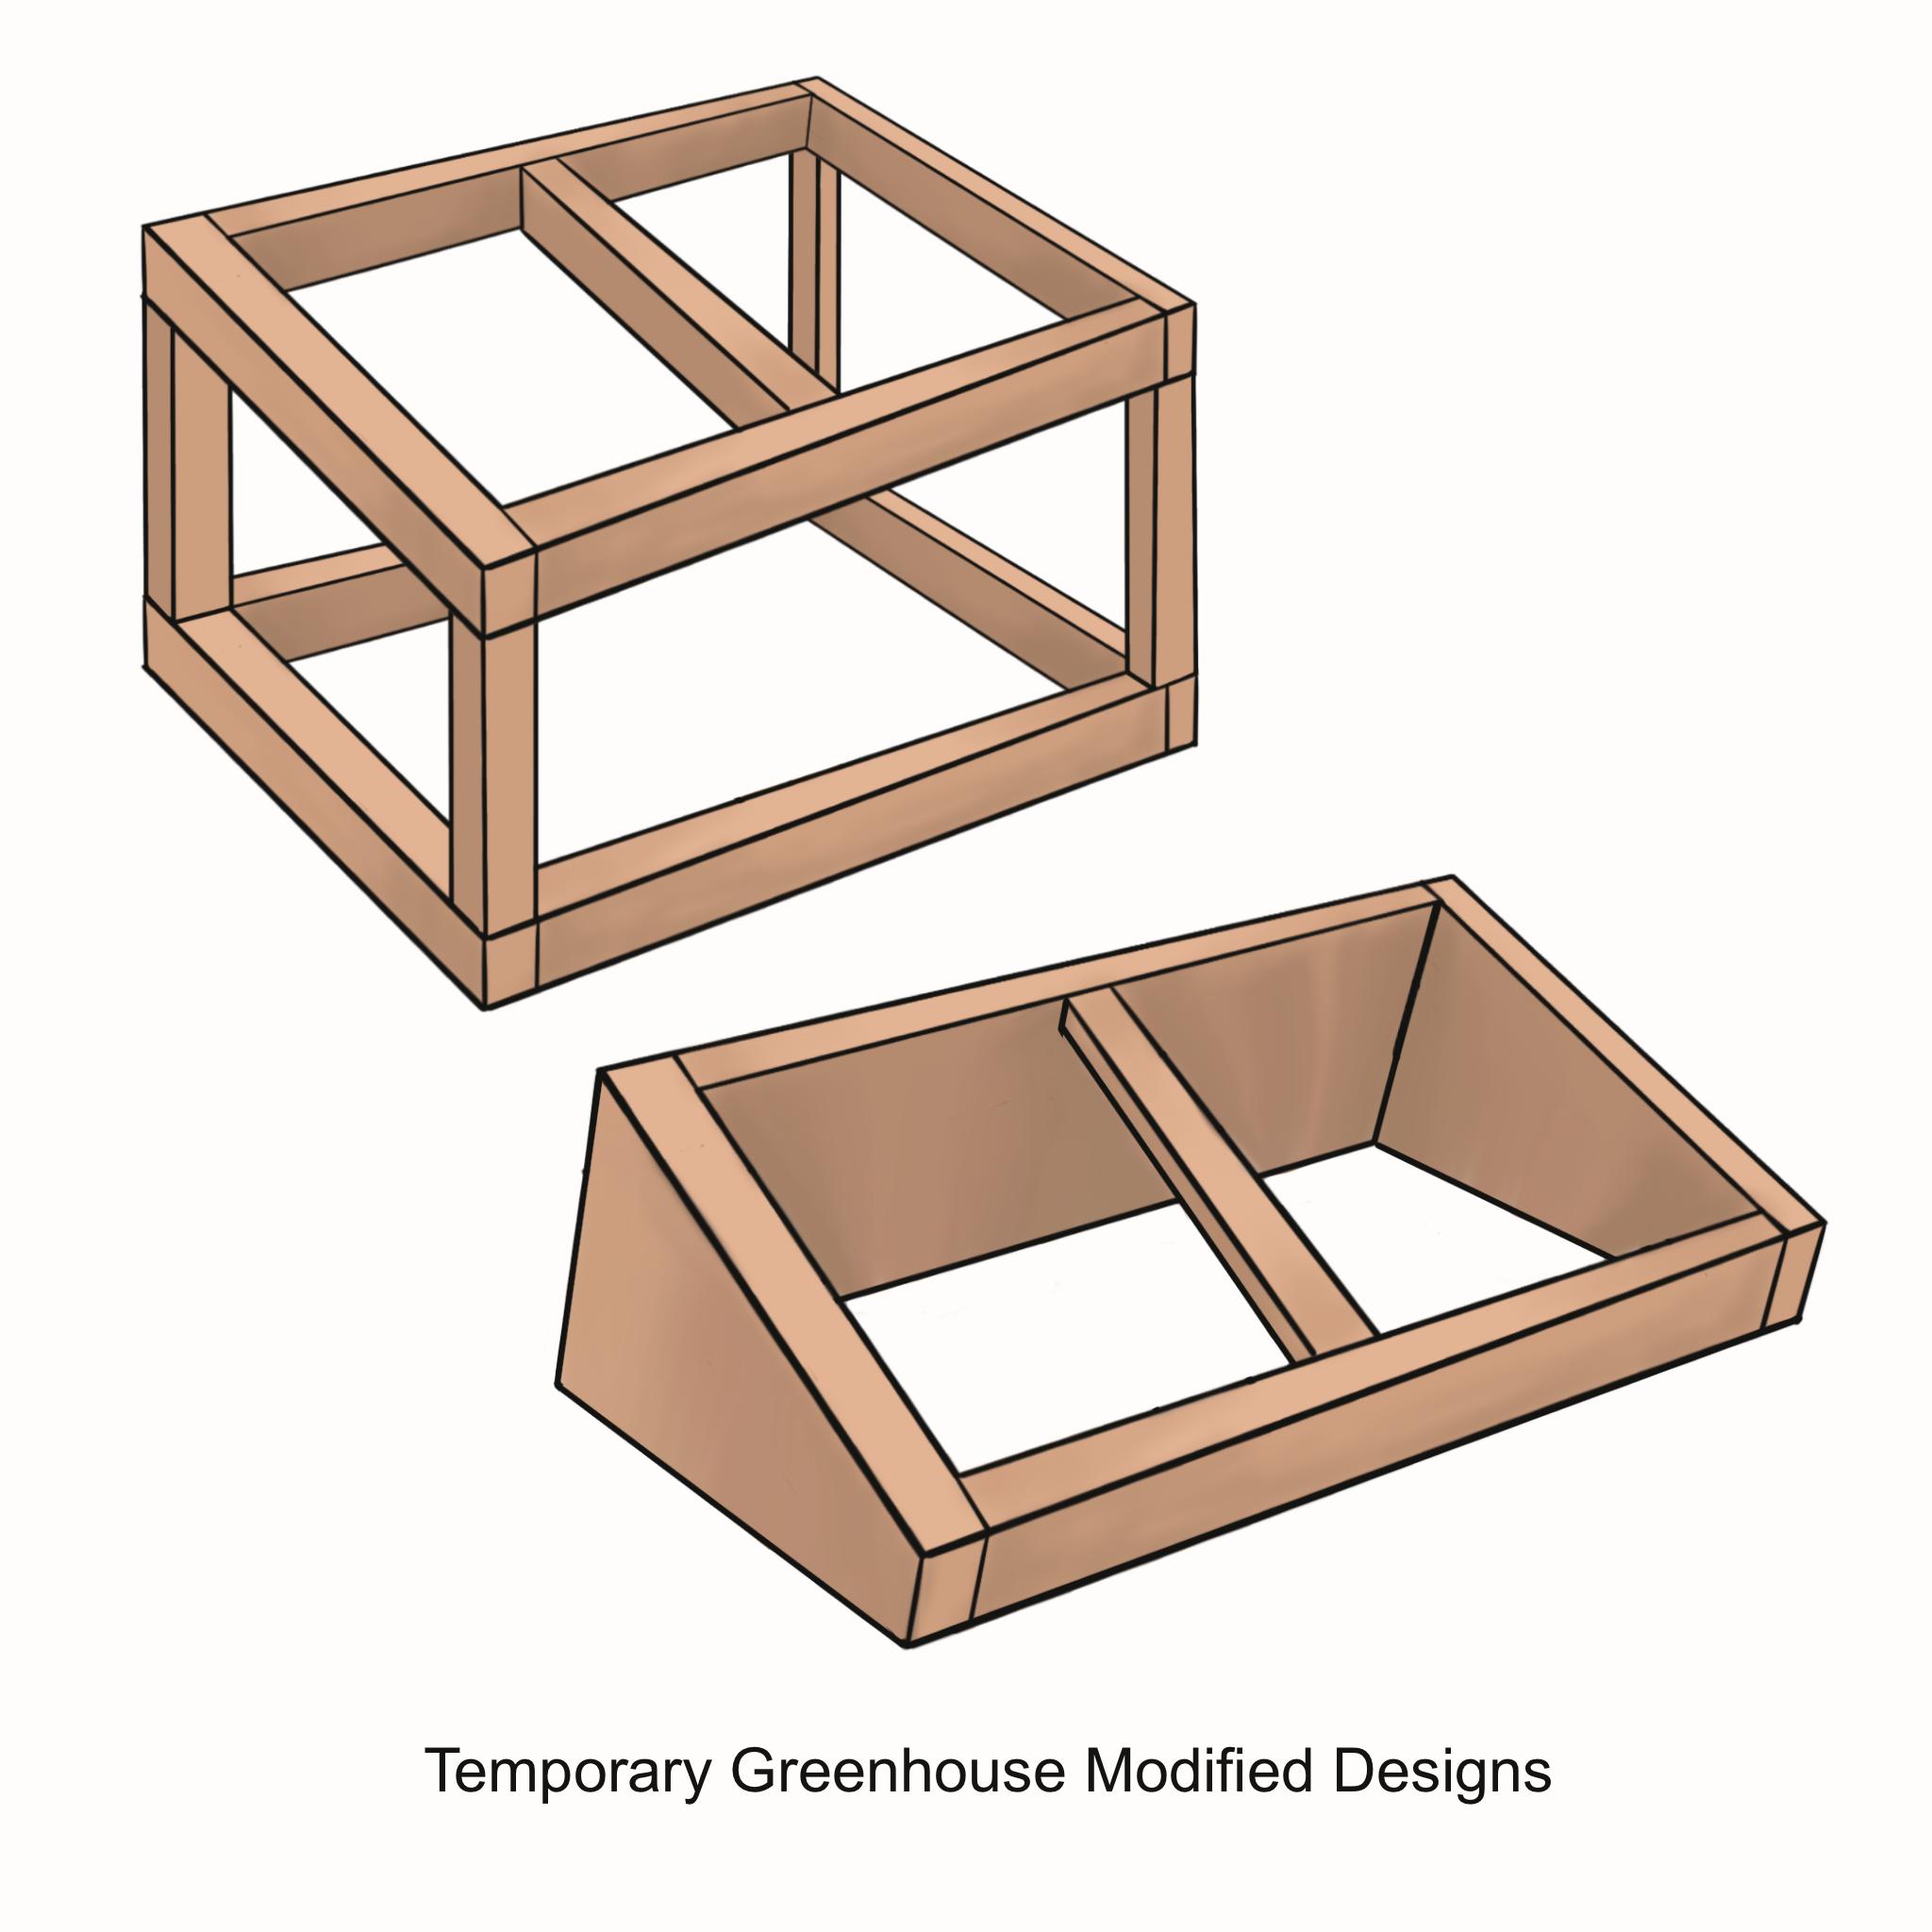 Modified designs